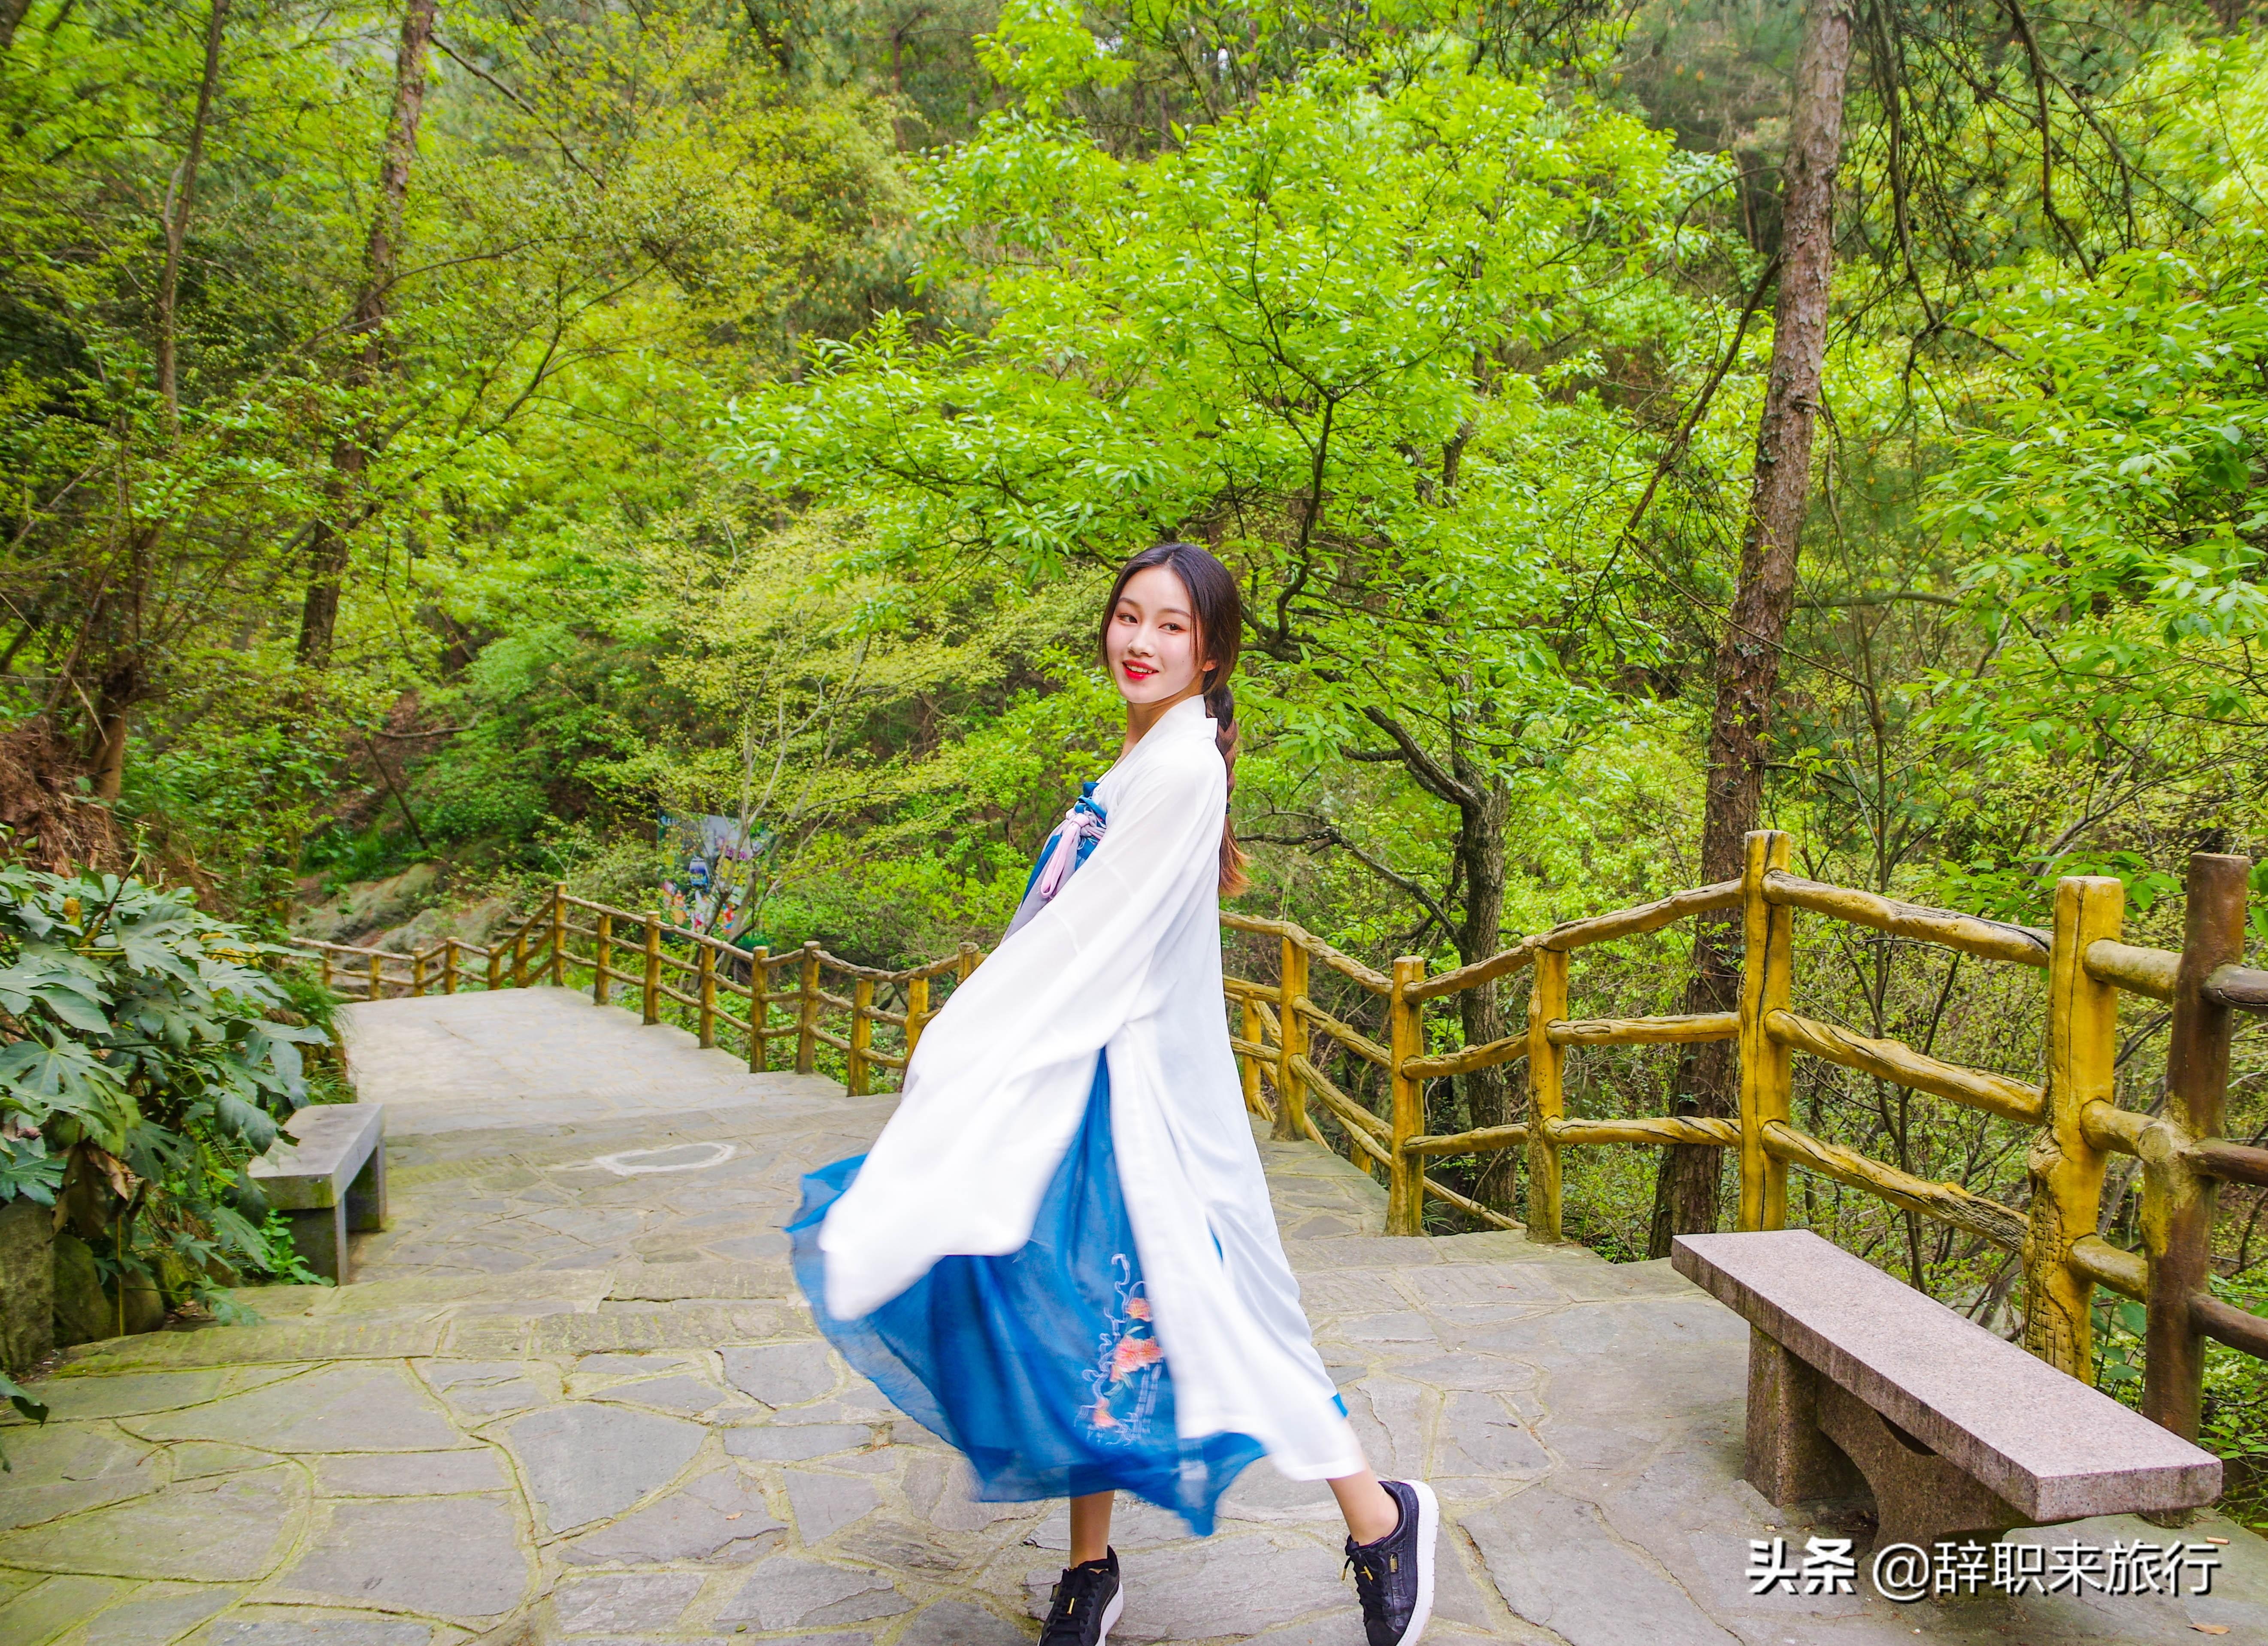 五一小长假,去武汉这处超美的旅行地,避开拥挤饱览湖光山色